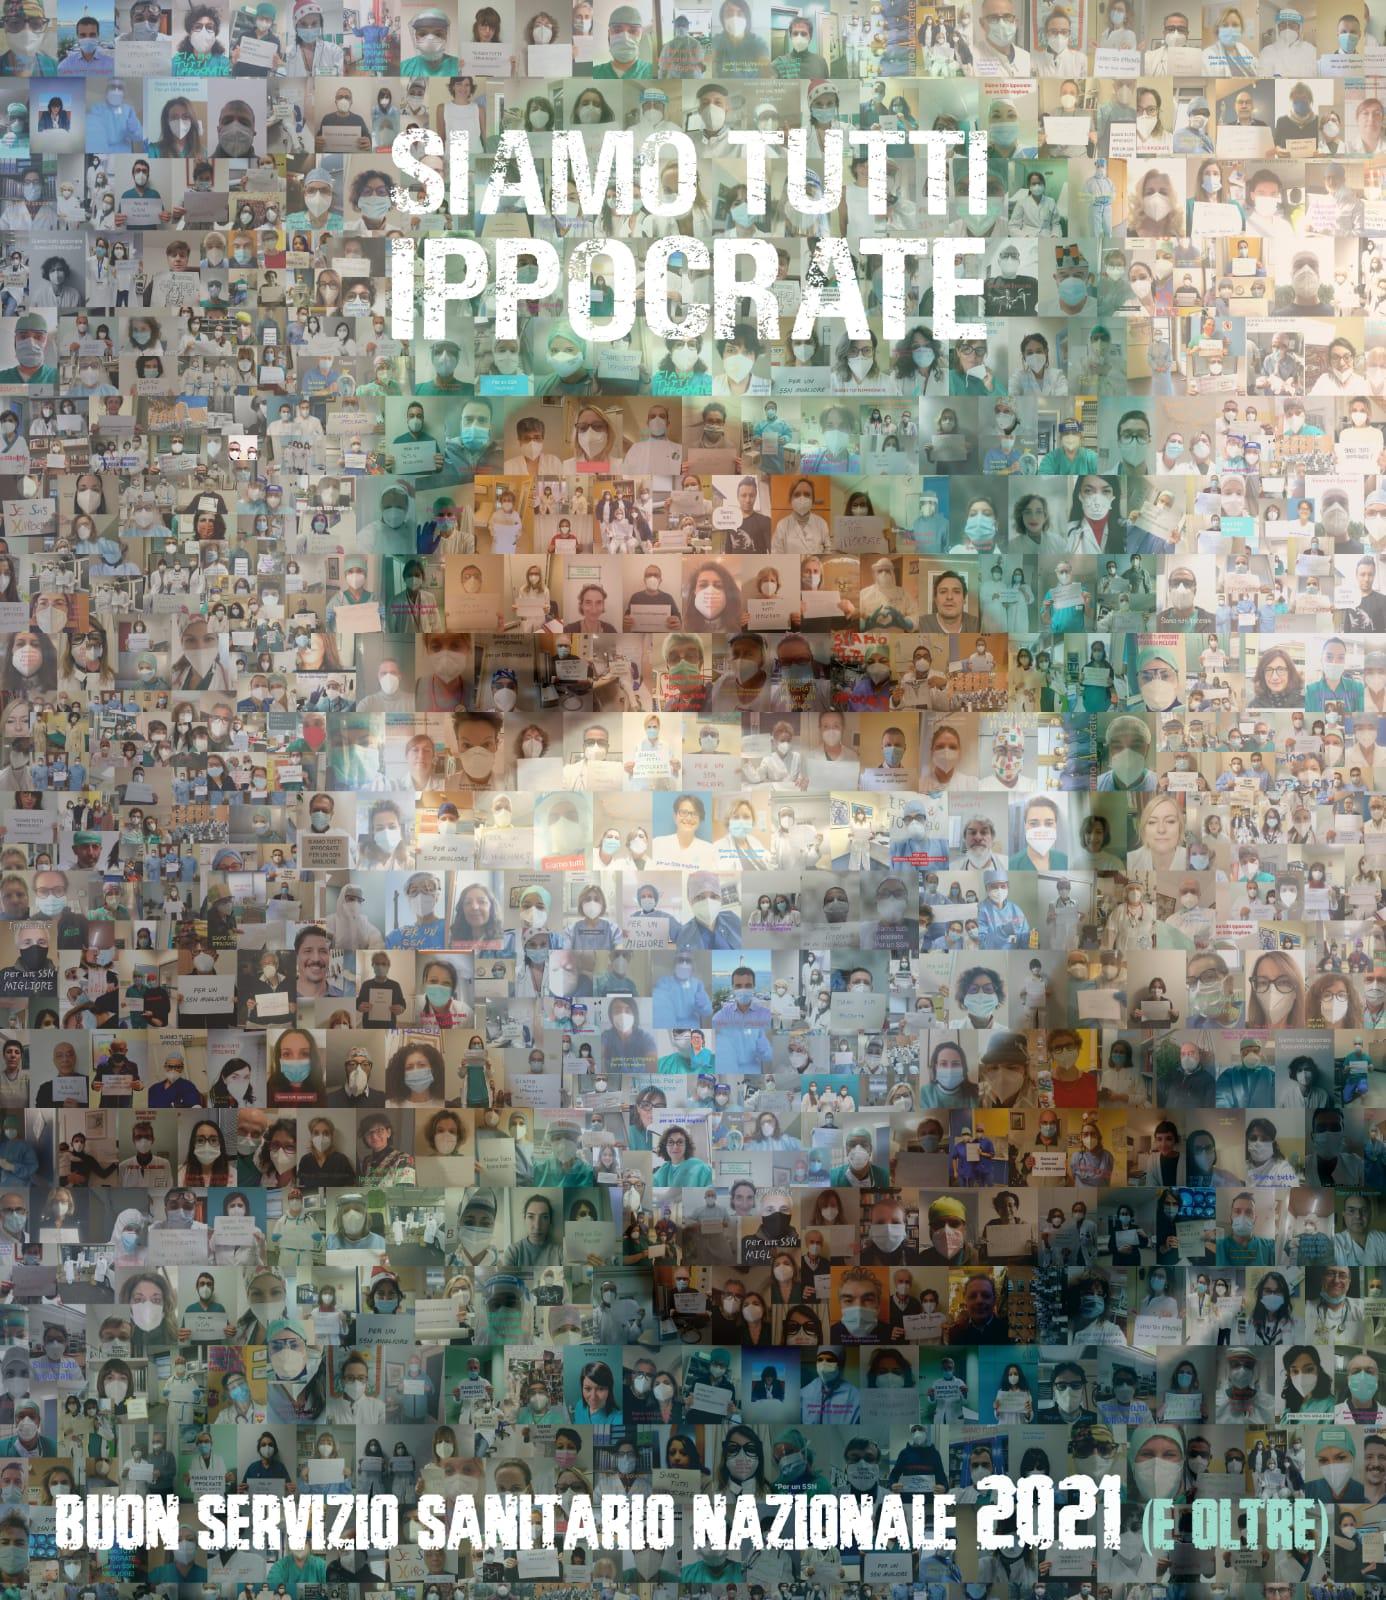 poster con i volti dei medici e degli operatori sanitari